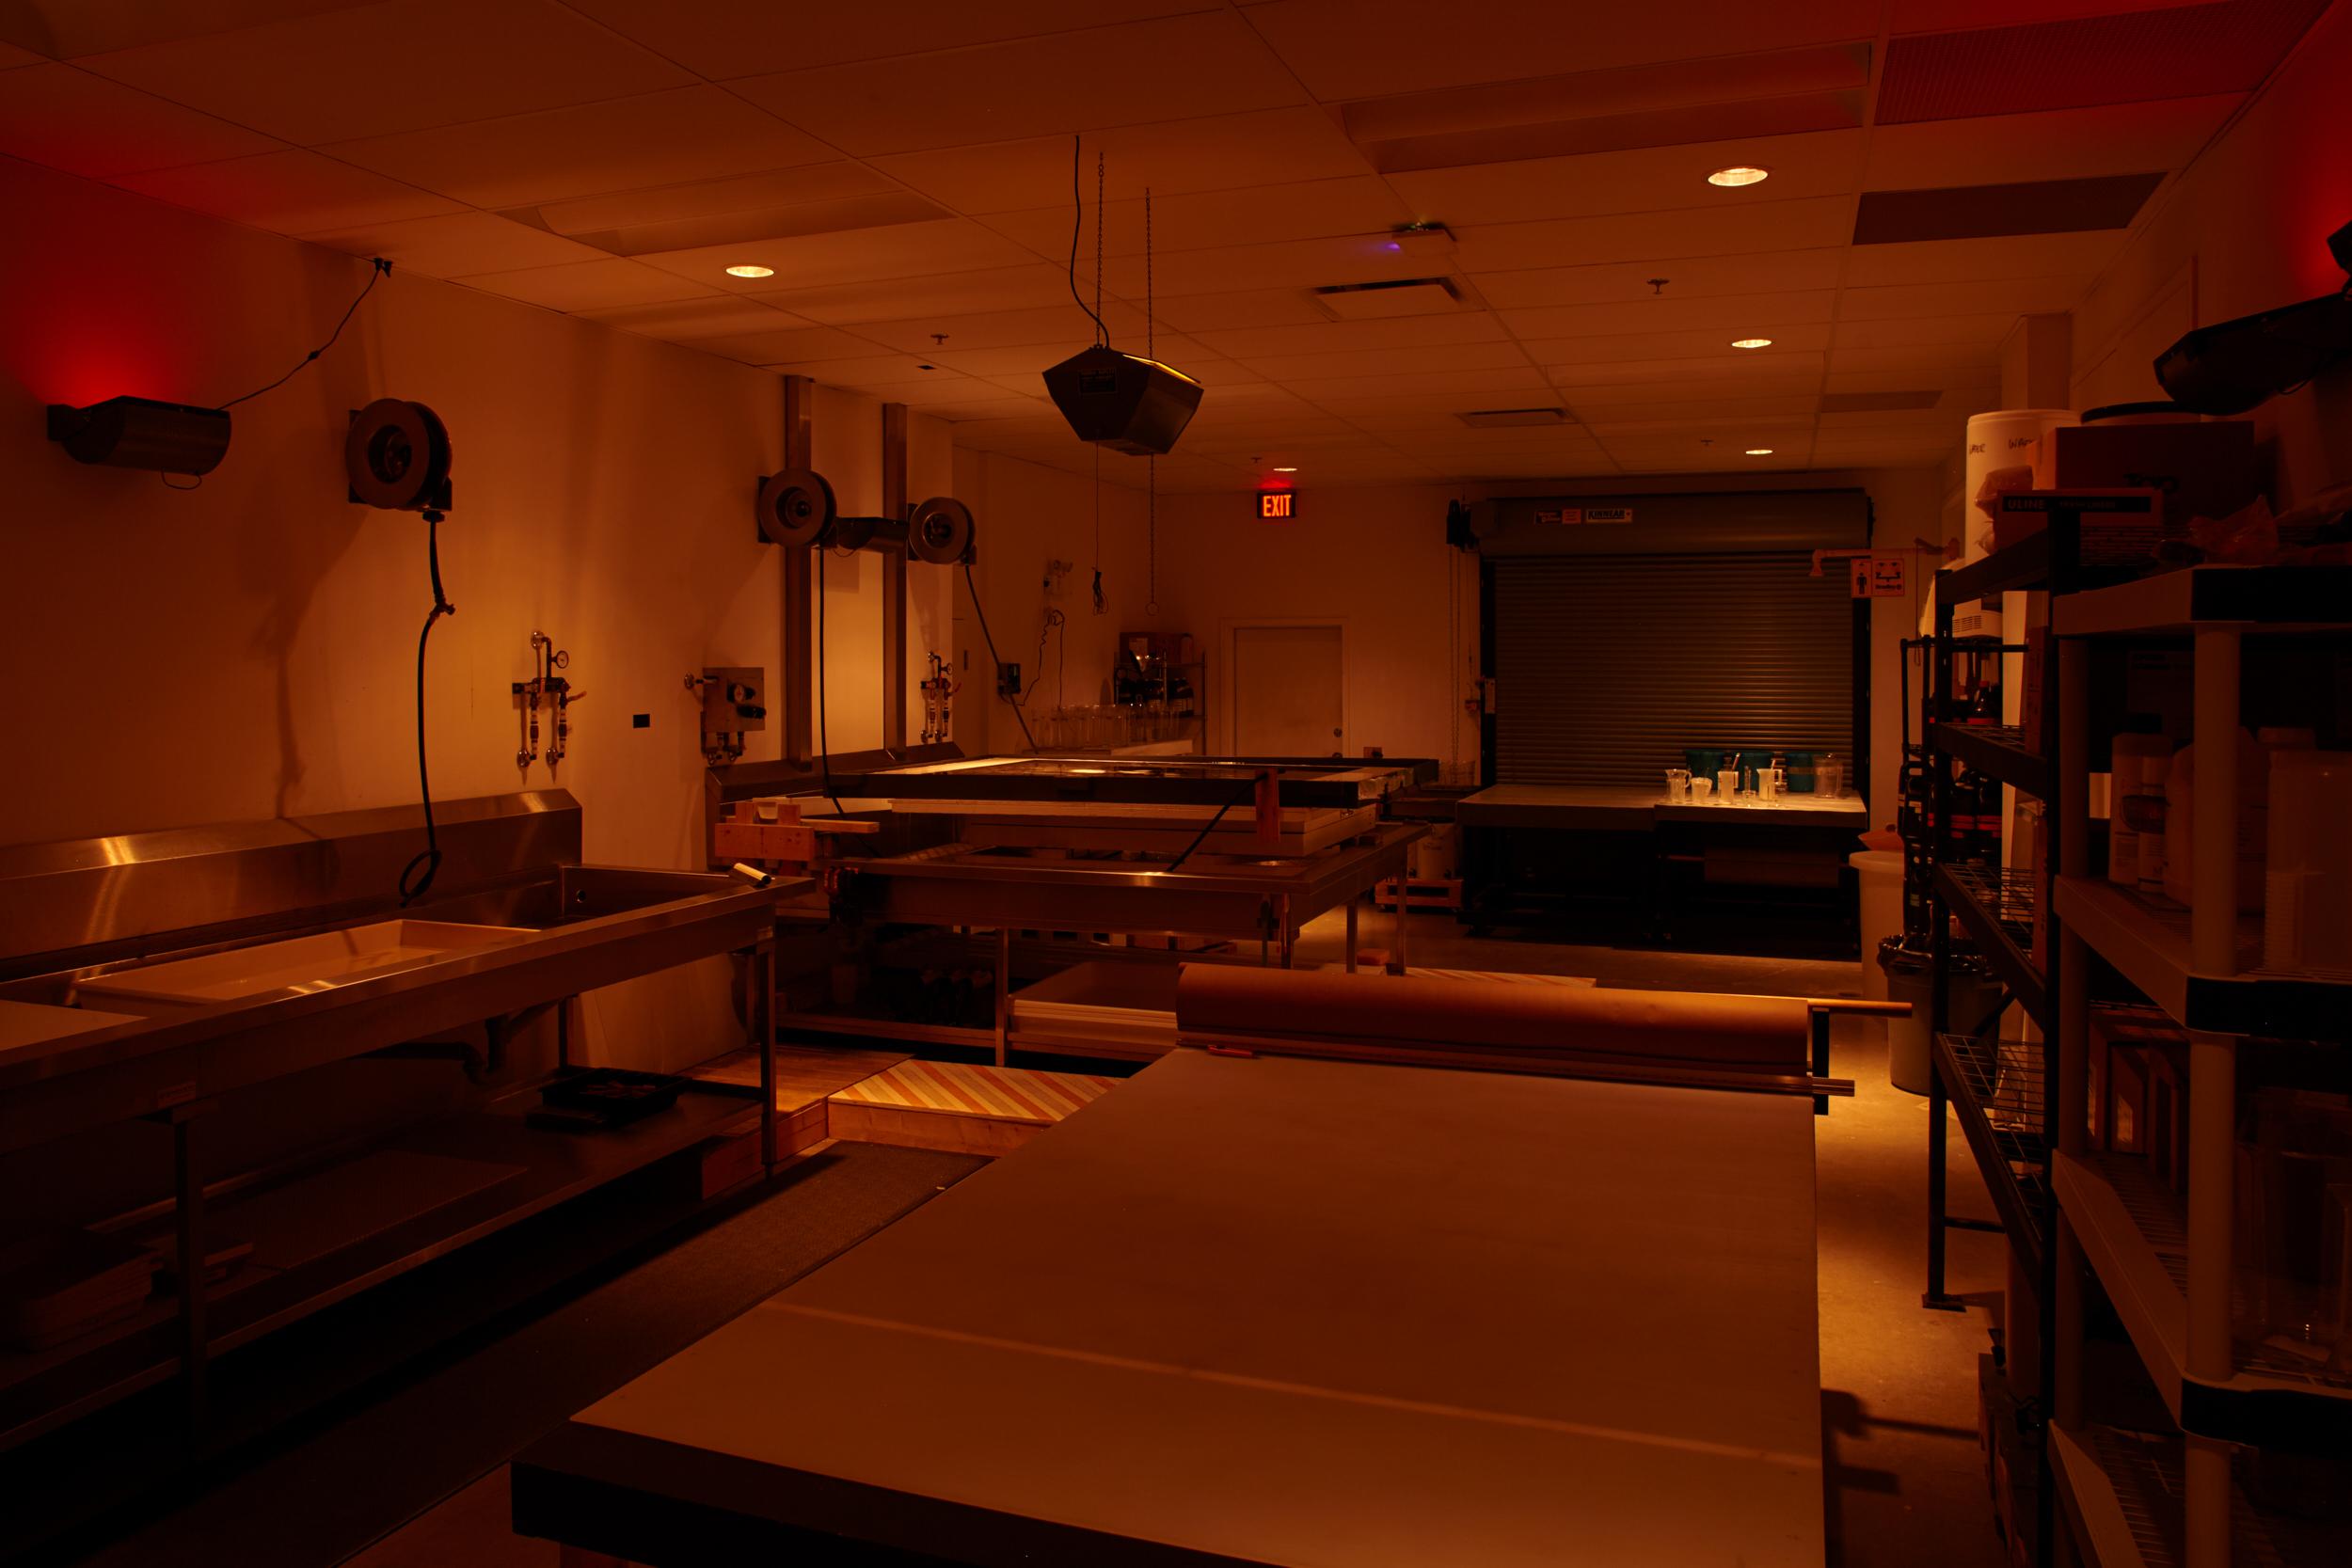 180423_f6o4 Interior-27.jpg